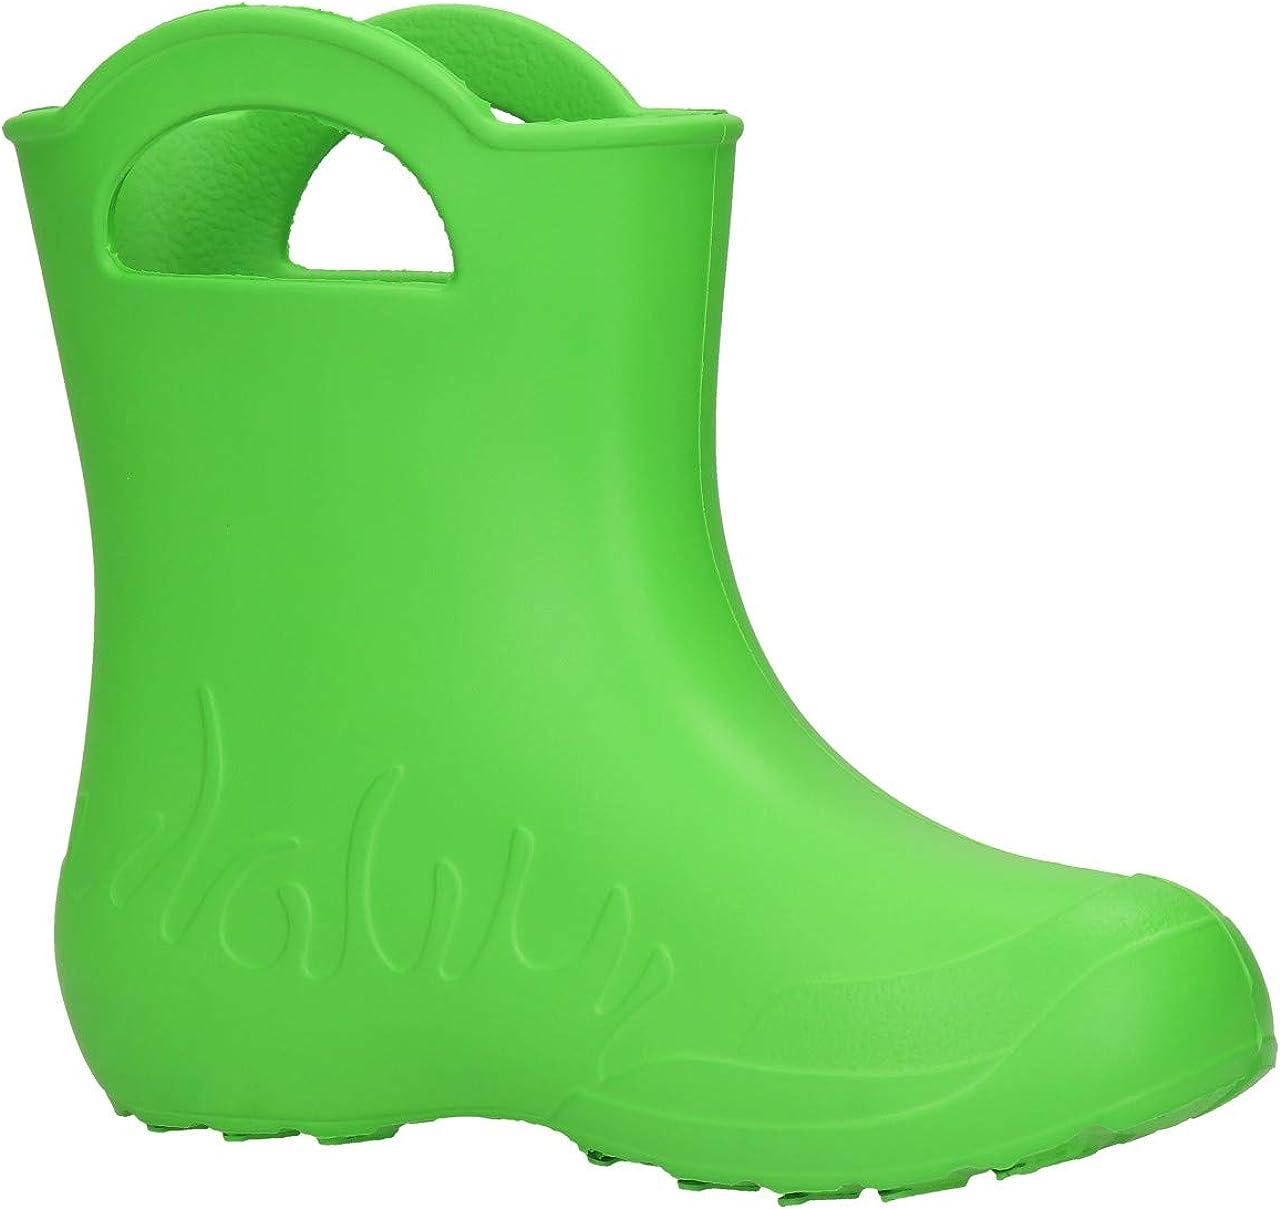 FUZZIO Kinder Frosch Eva superleicht Regenschuhe Gummistiefel